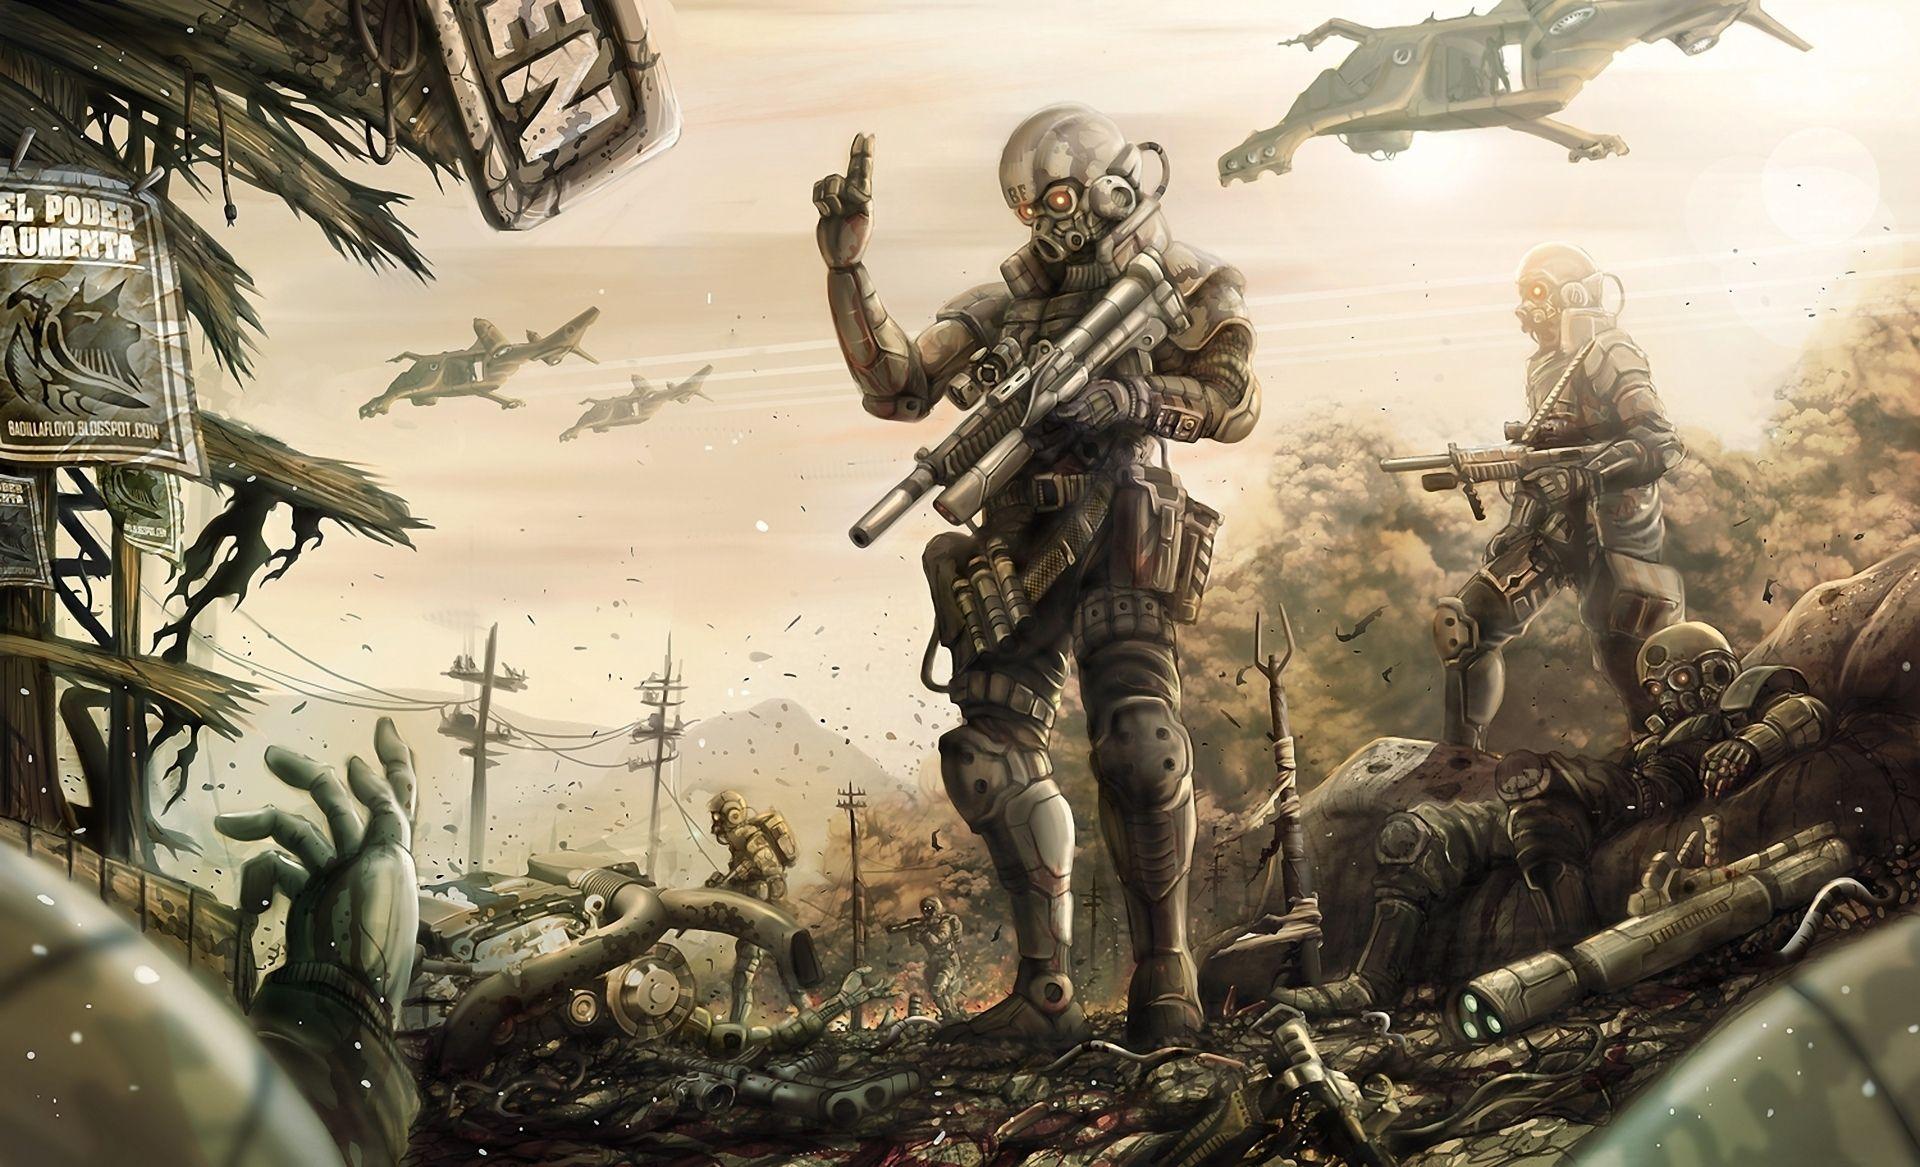 Sci Fi Battle Wallpaper For Iphone Zod Weapon Concept Art Concept Art War Art